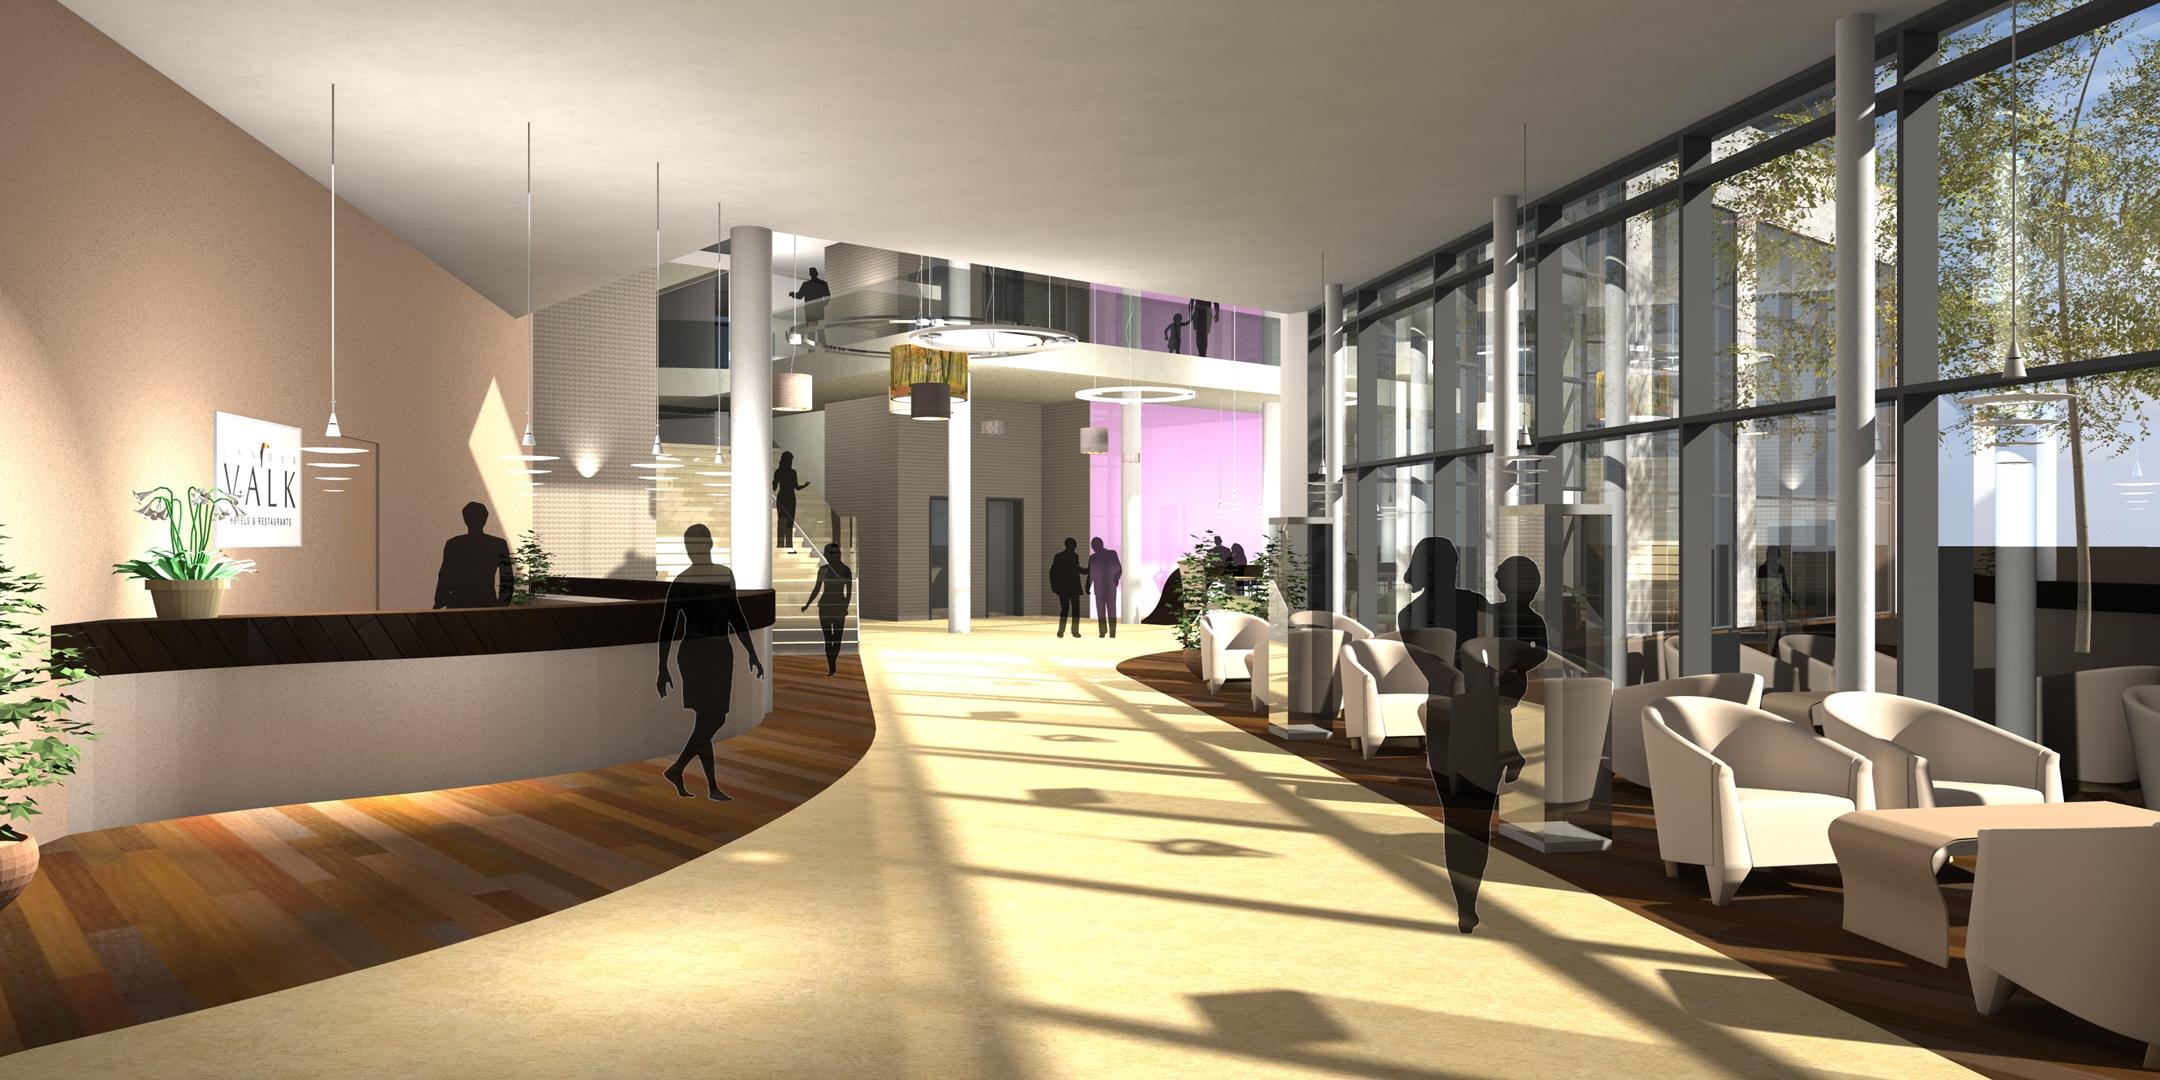 Ontwerpwedstrijd voor glazen hotelkamer   architectenweb.nl